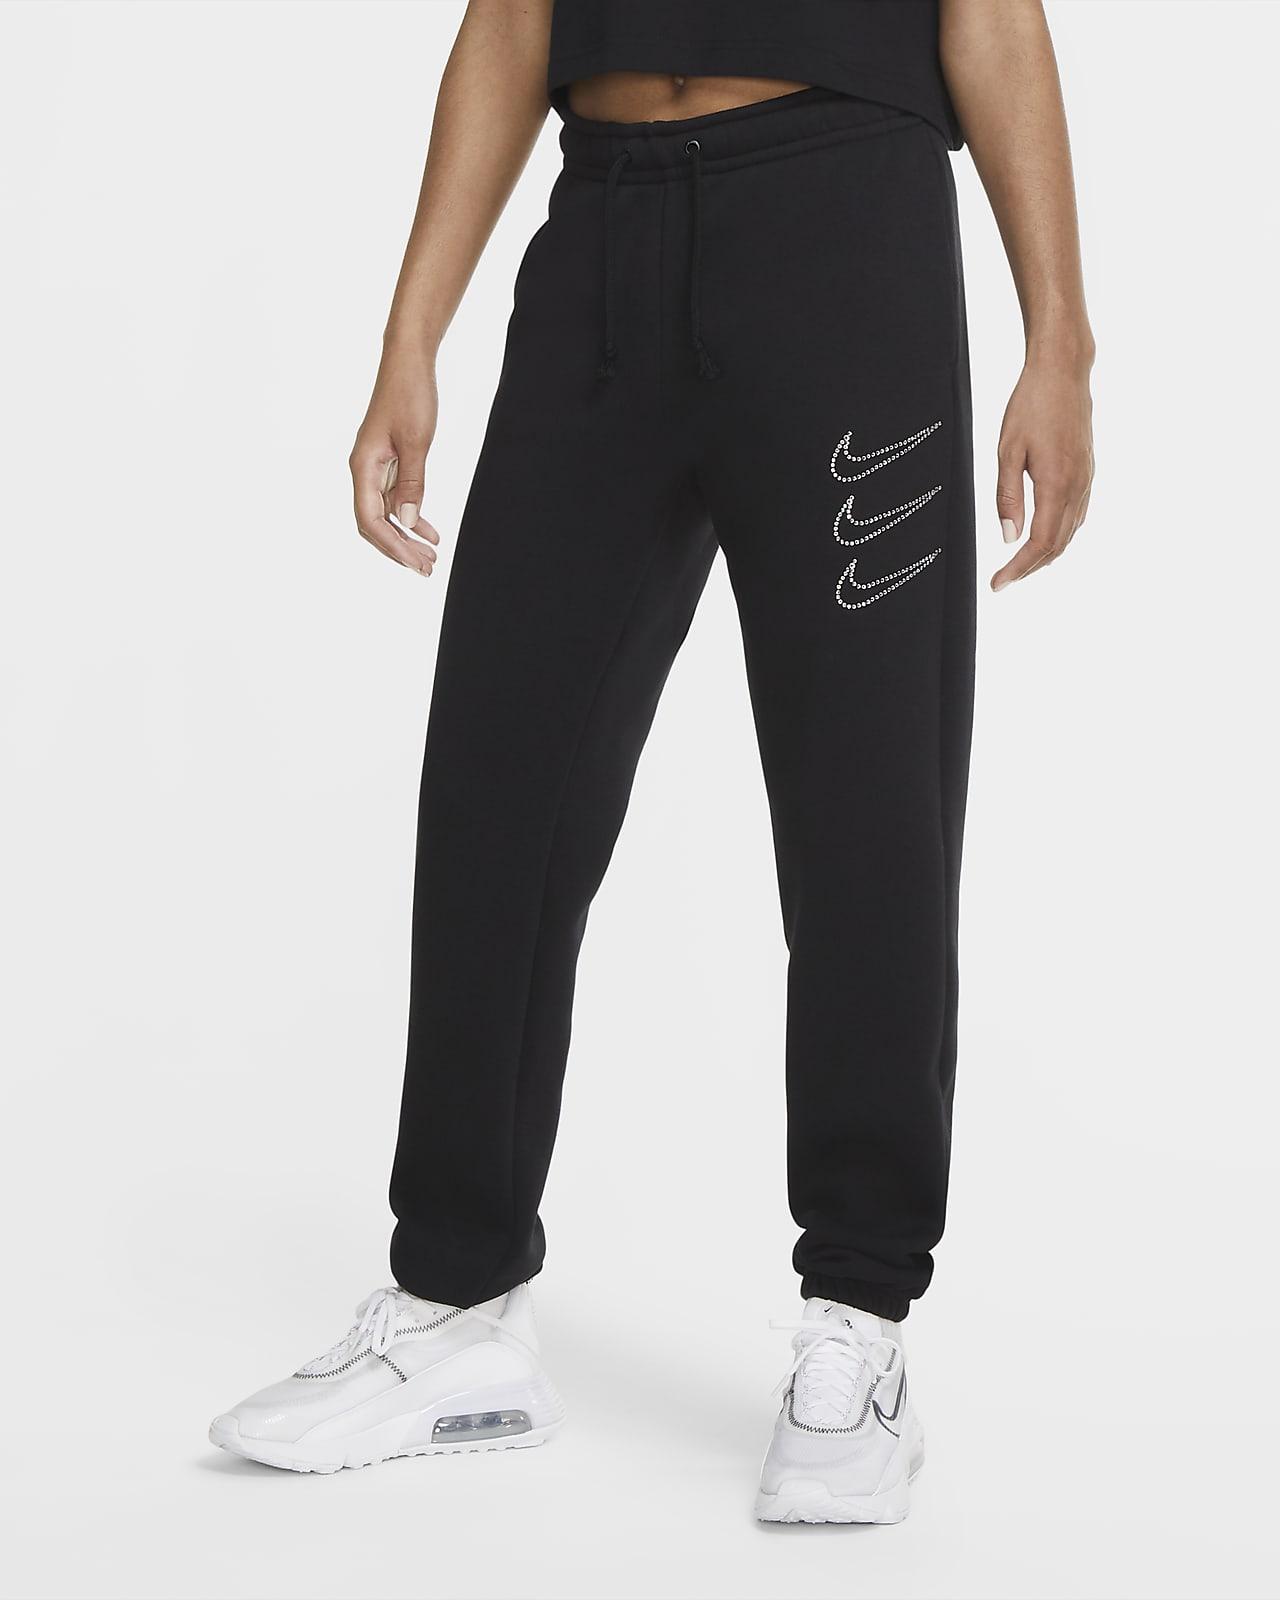 Damskie spodnie z dzianiny Nike Sportswear Rhinestone